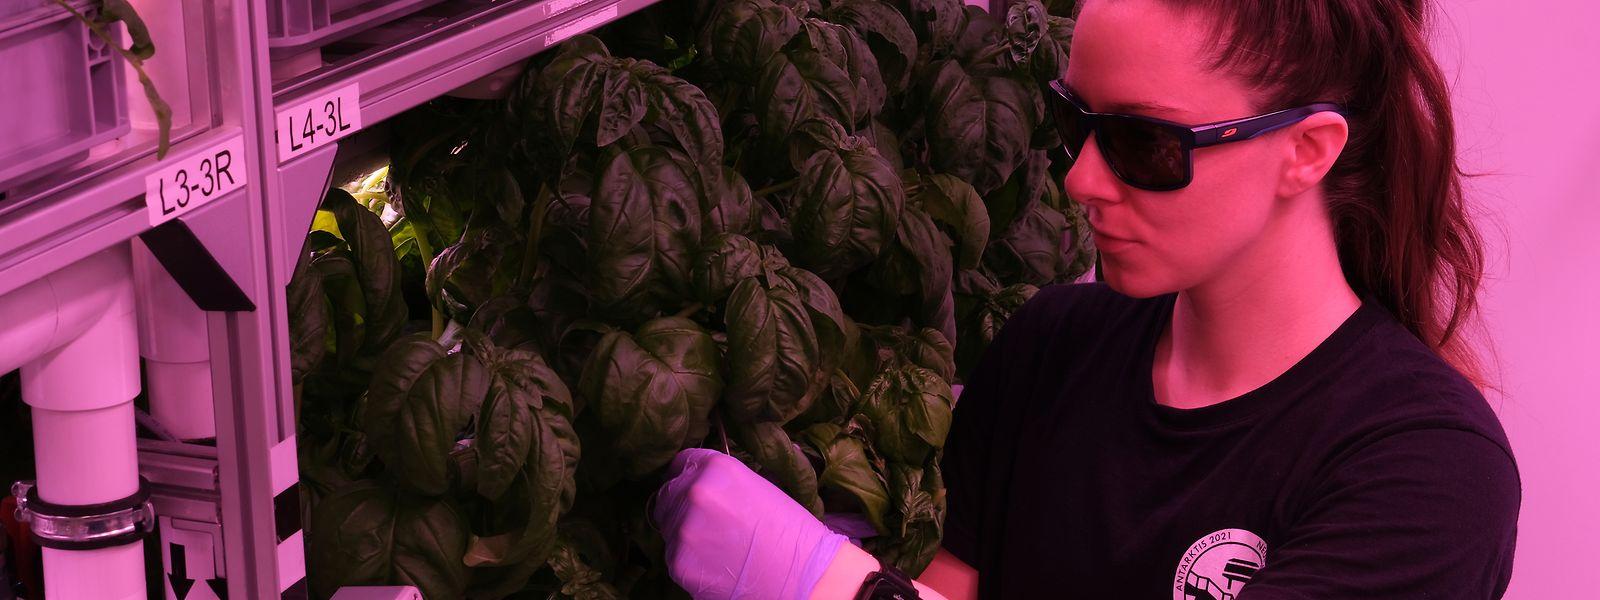 Erforscht wird die Nahrungsmittelproduktion der Zukunft in Wüsten und kalten Regionen.